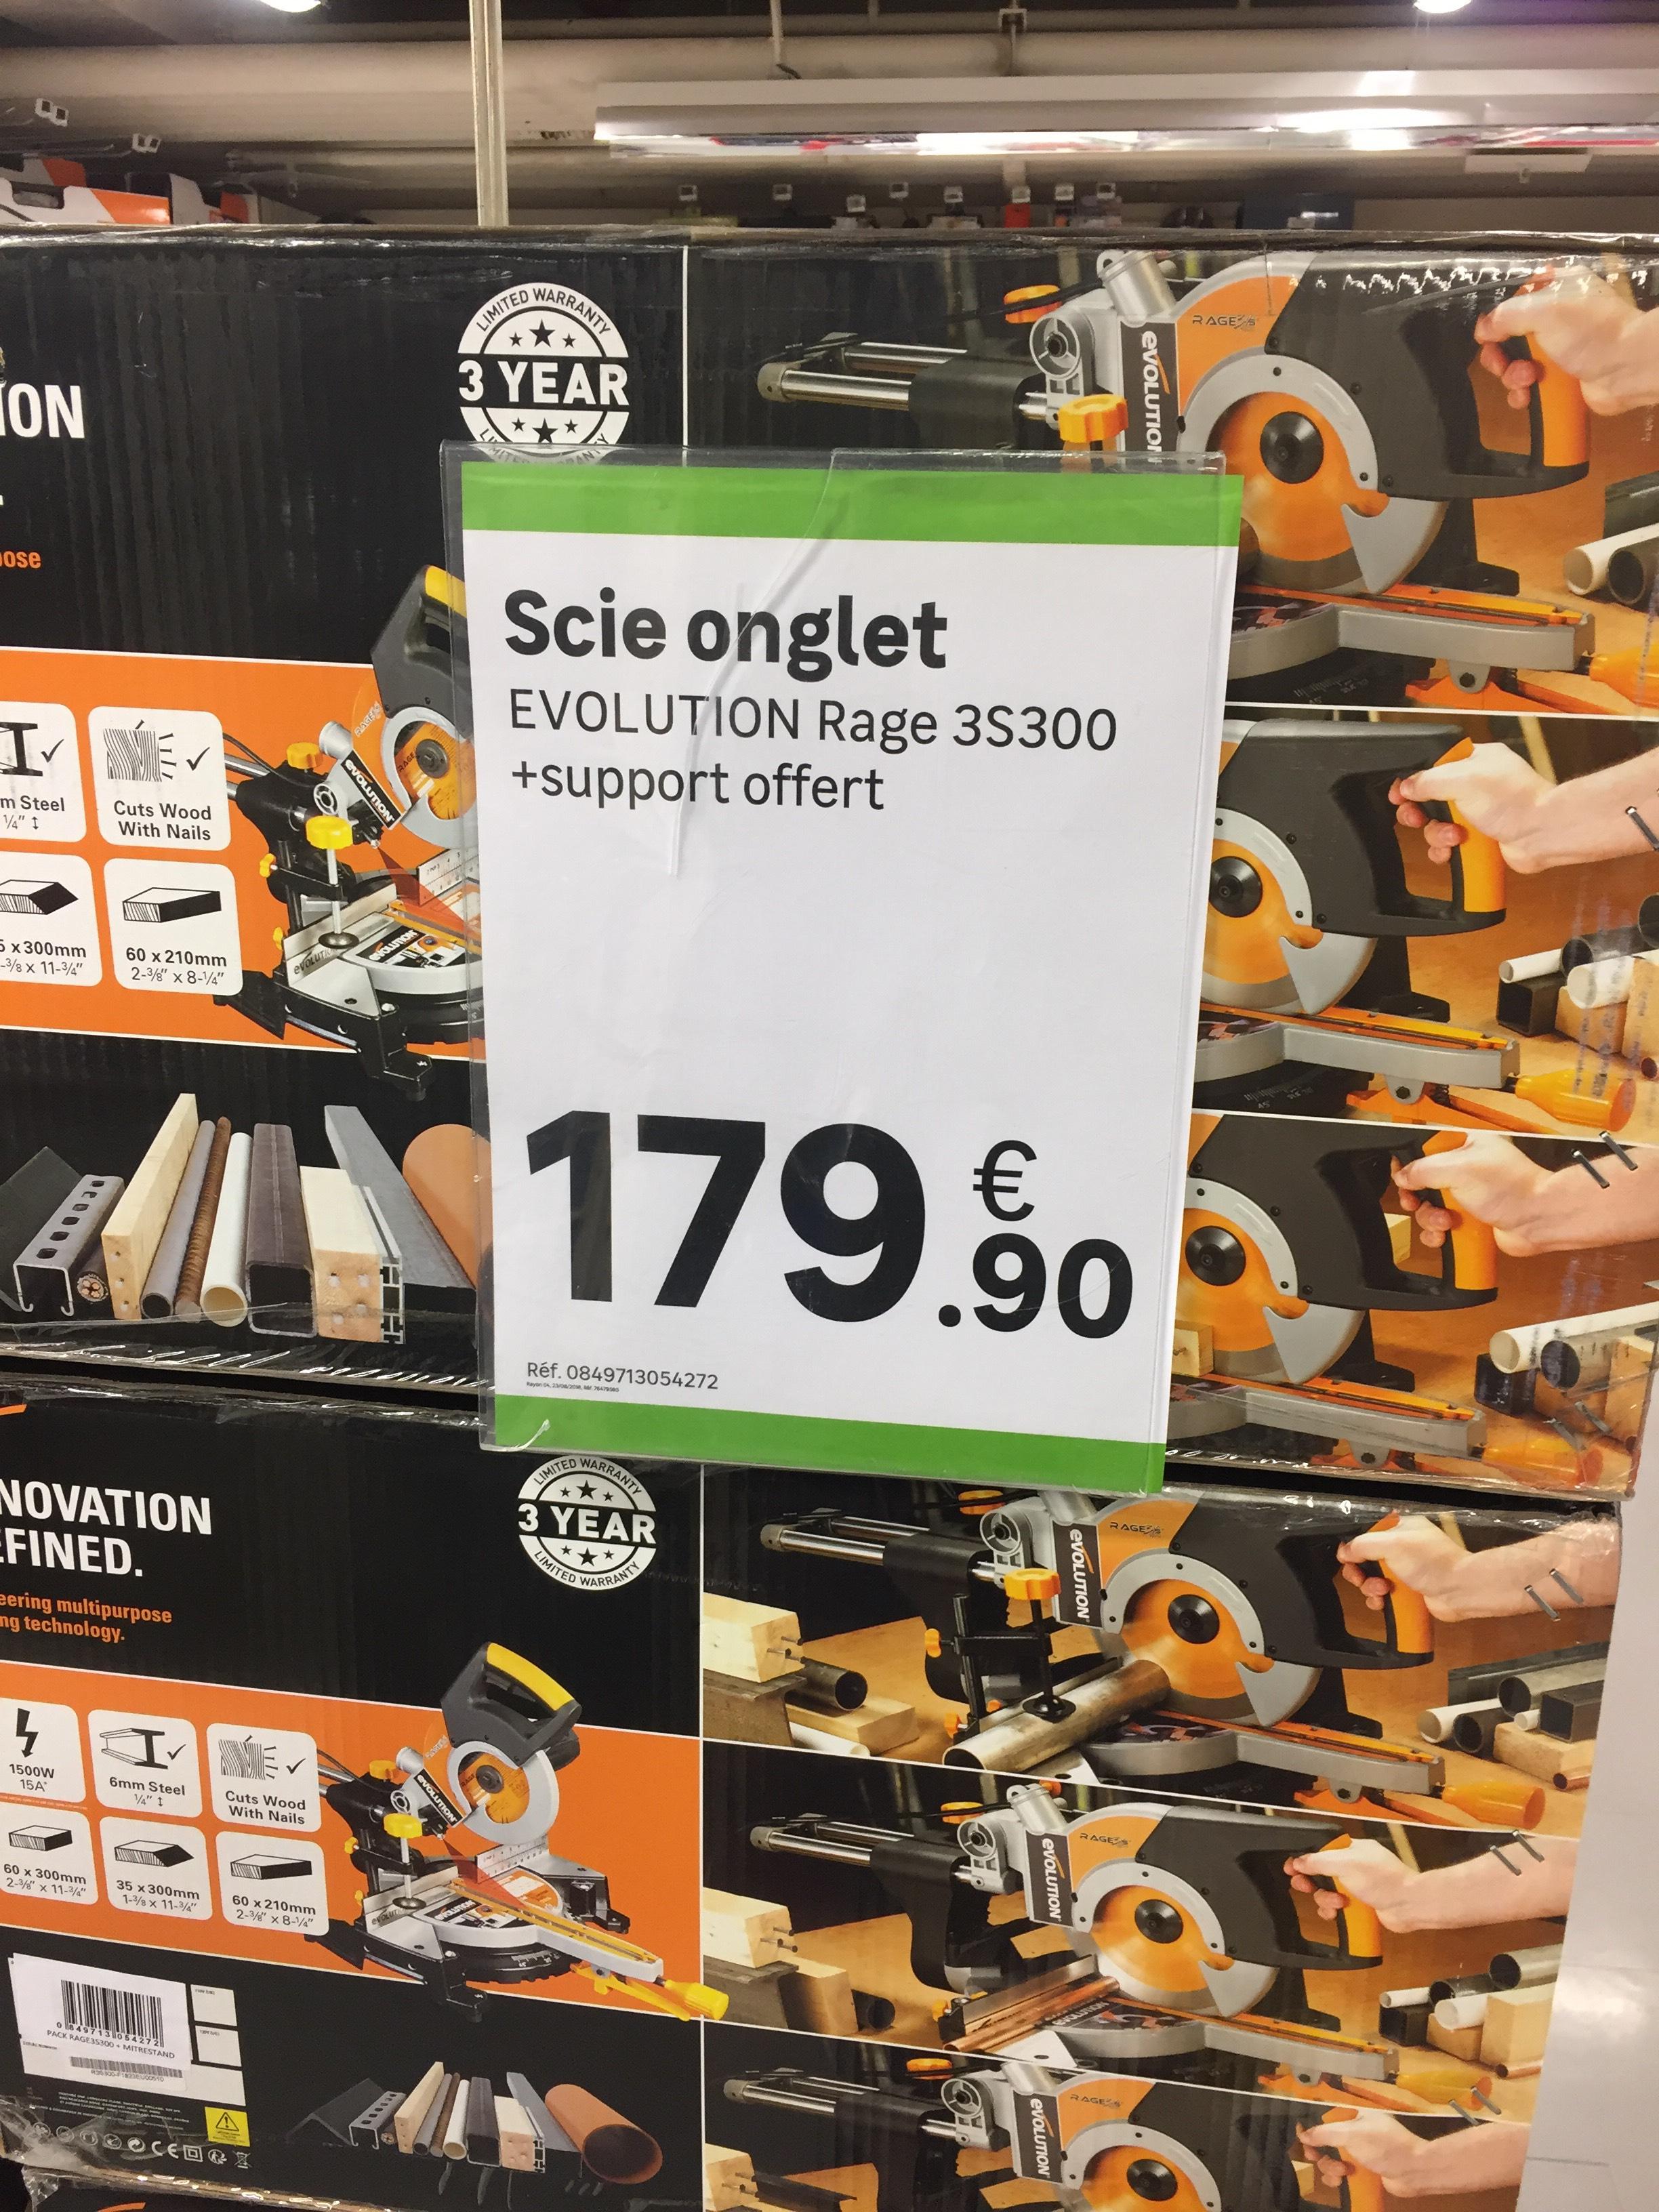 scie onglet radiale volution rage 3s300 support. Black Bedroom Furniture Sets. Home Design Ideas